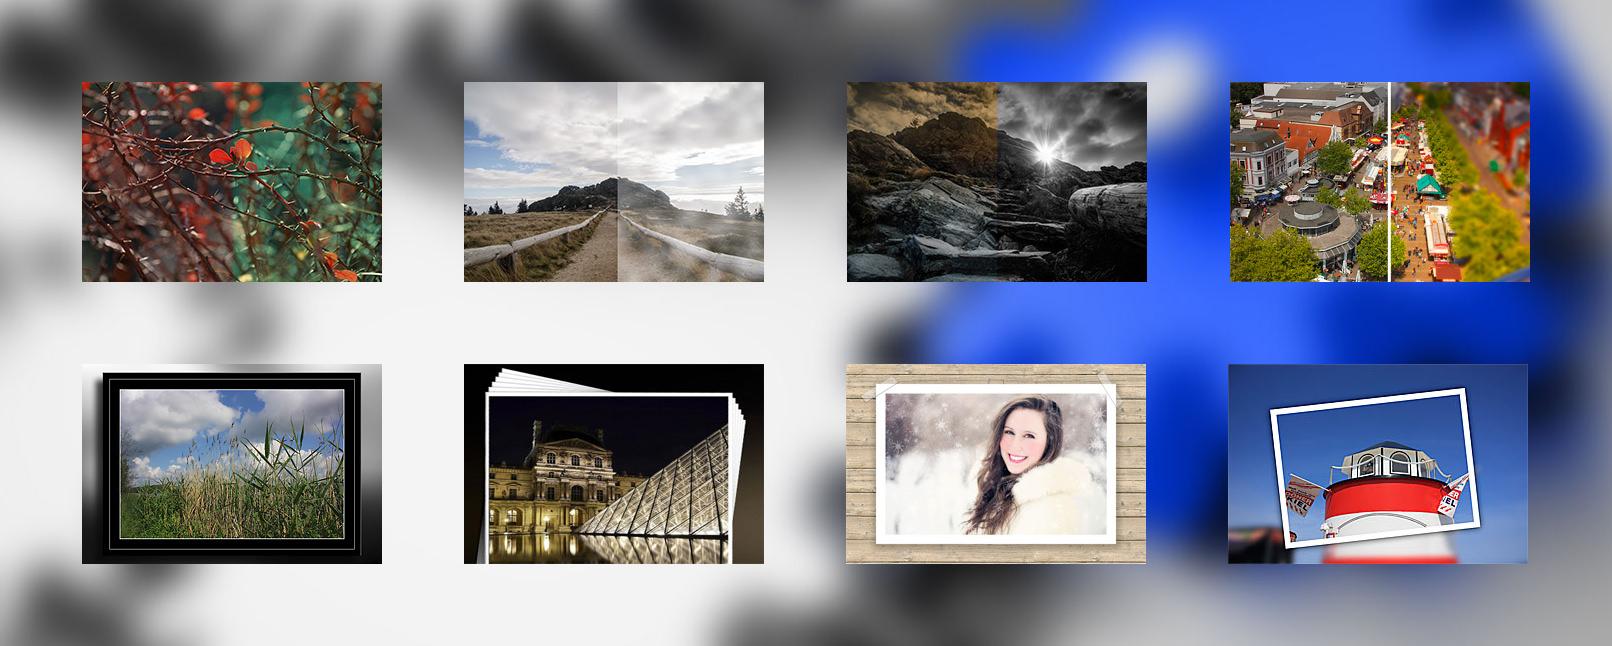 Photoshop Elements Aktionen. So automatisierst du dein PSE für schnelle Bildeffekte!